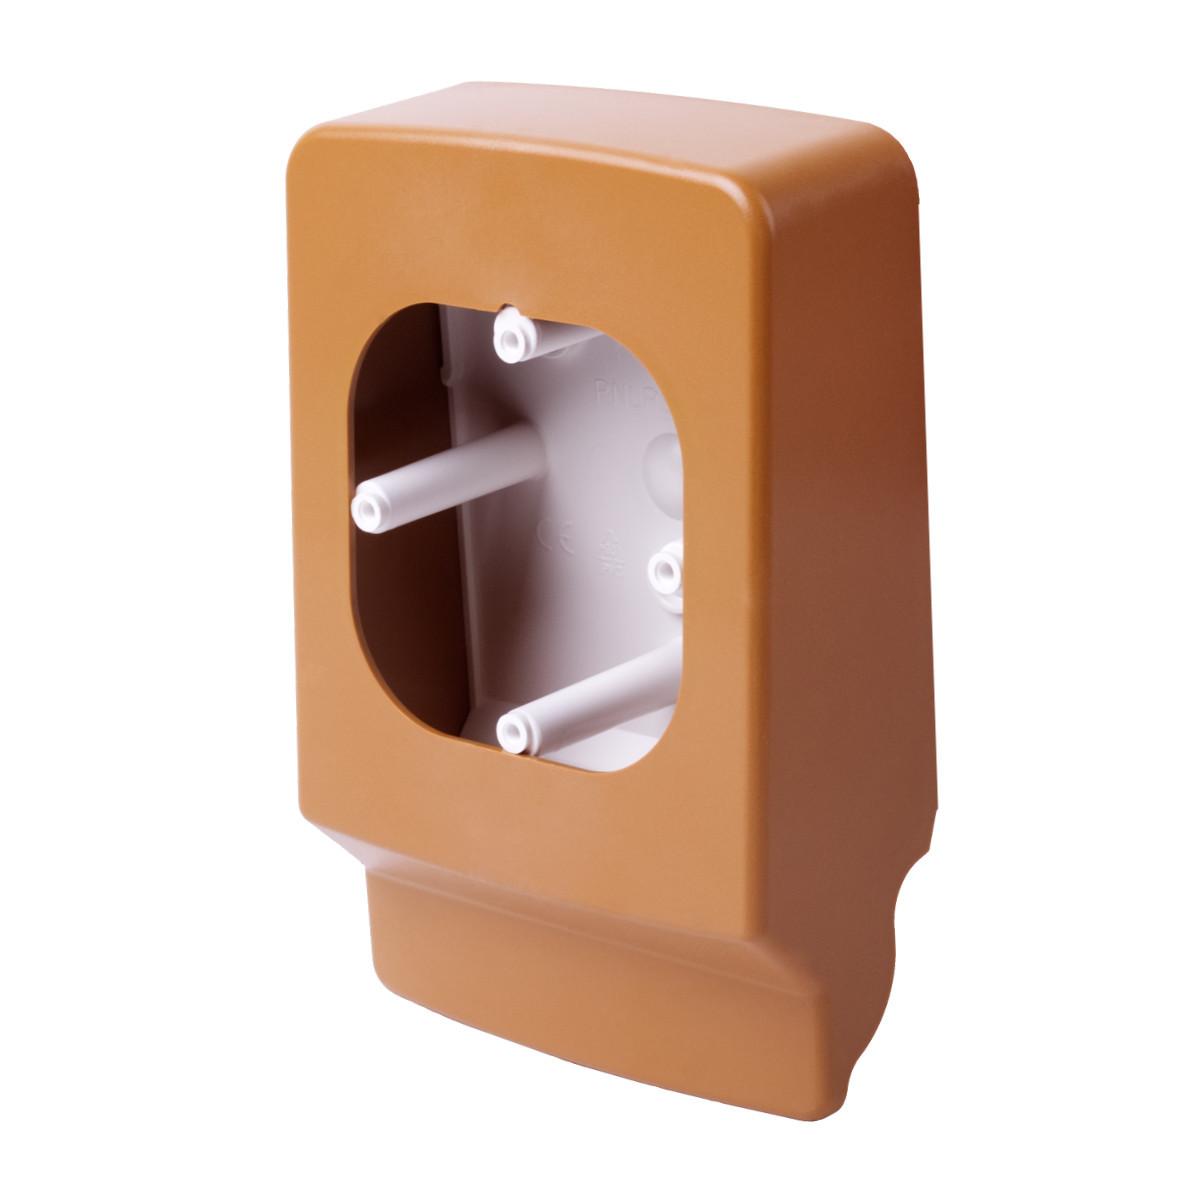 Приладовий носій для  кабельних каналів LP 35 (світле дерево)